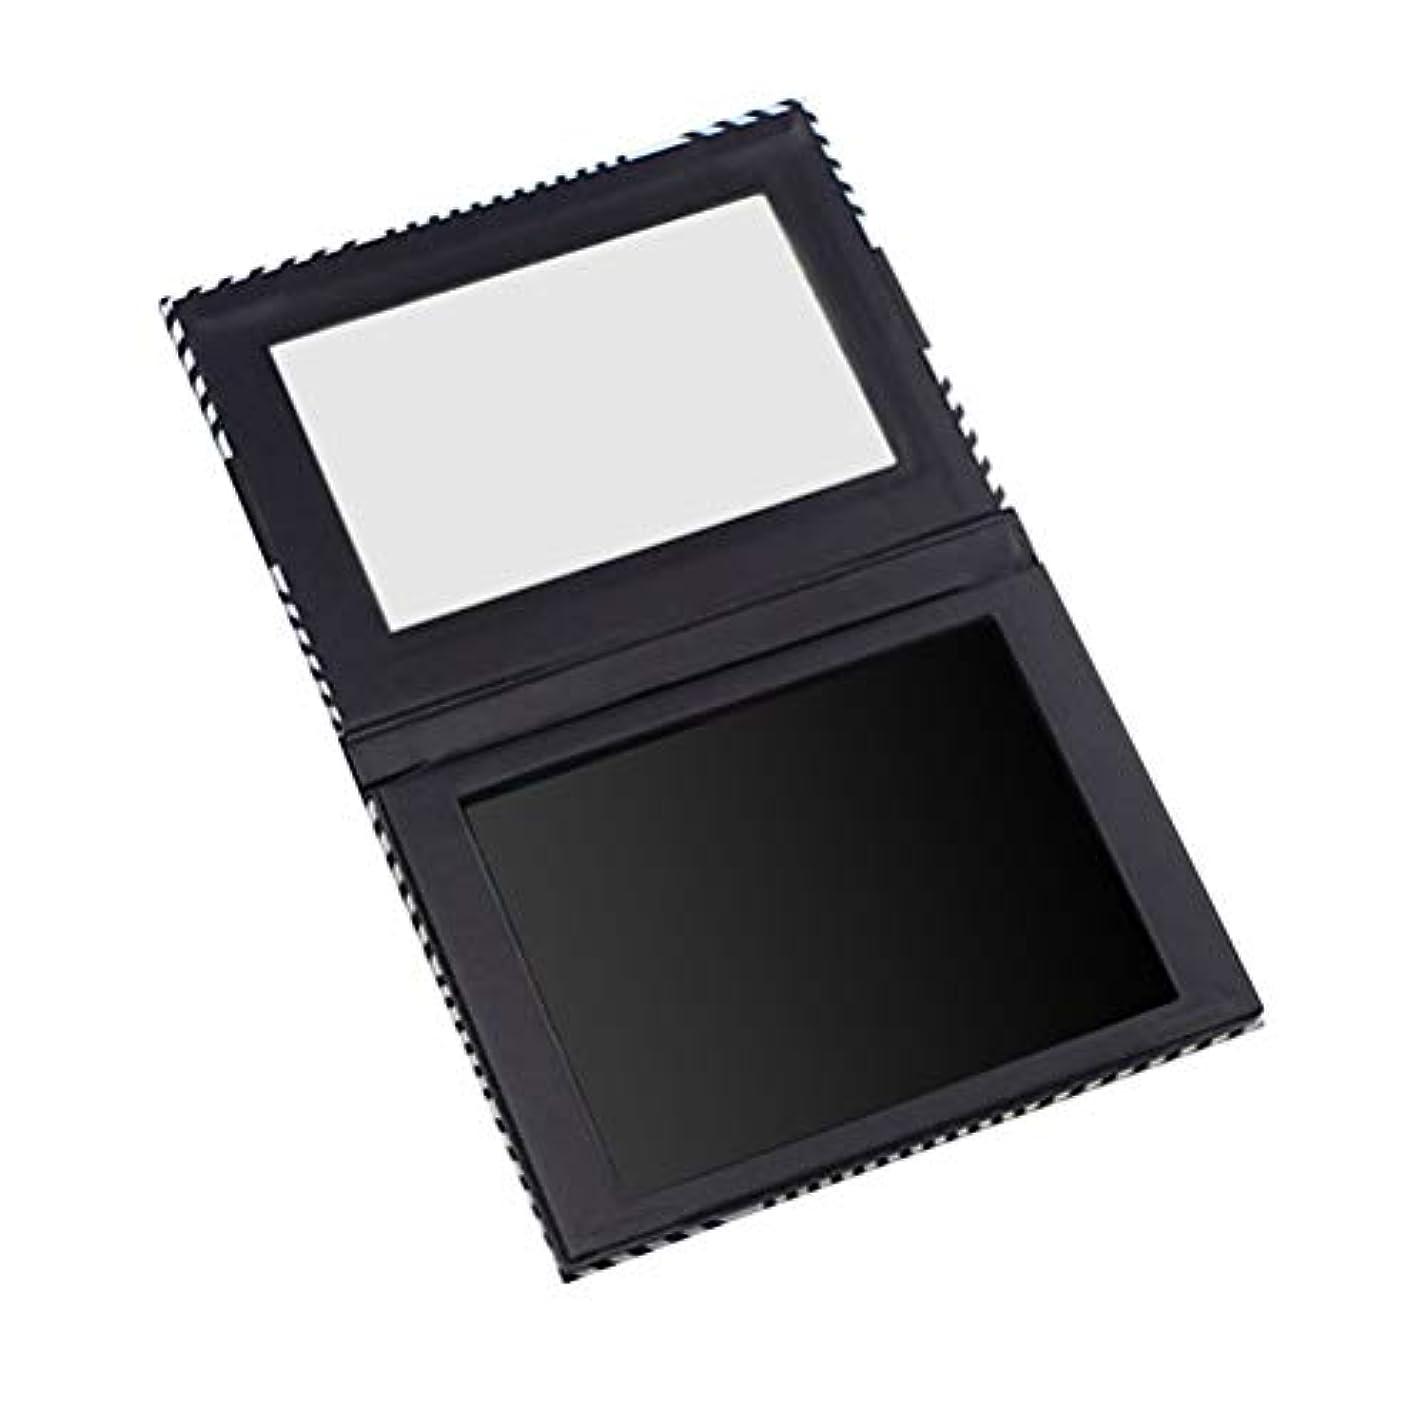 マティスリネン実質的Lurrose ミラー付き空の磁気パレットアイシャドウオーガナイザー